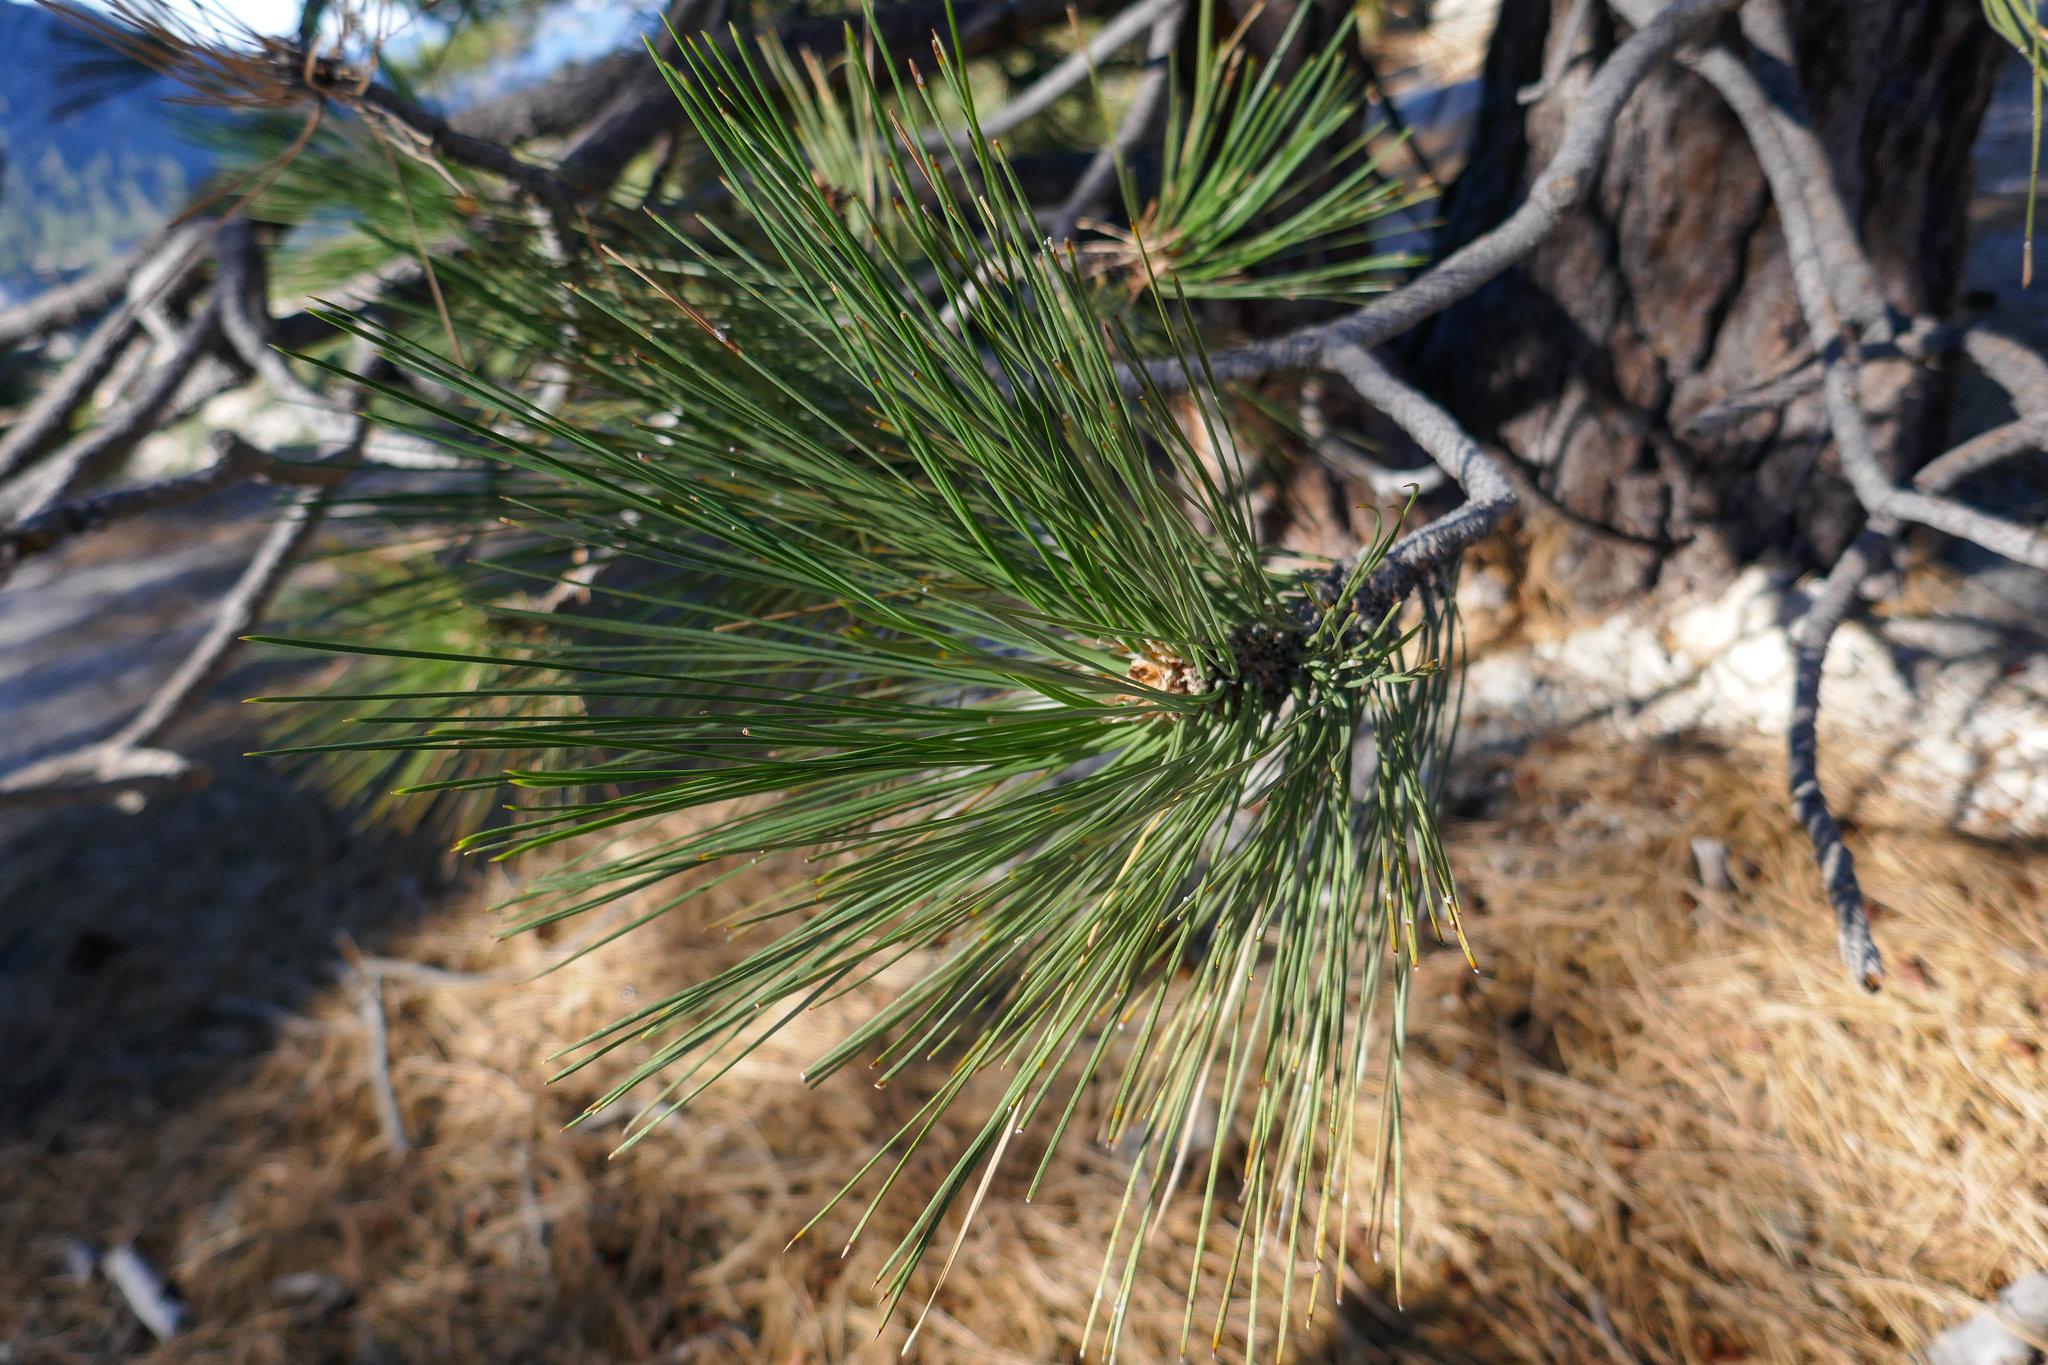 Delisious pine.